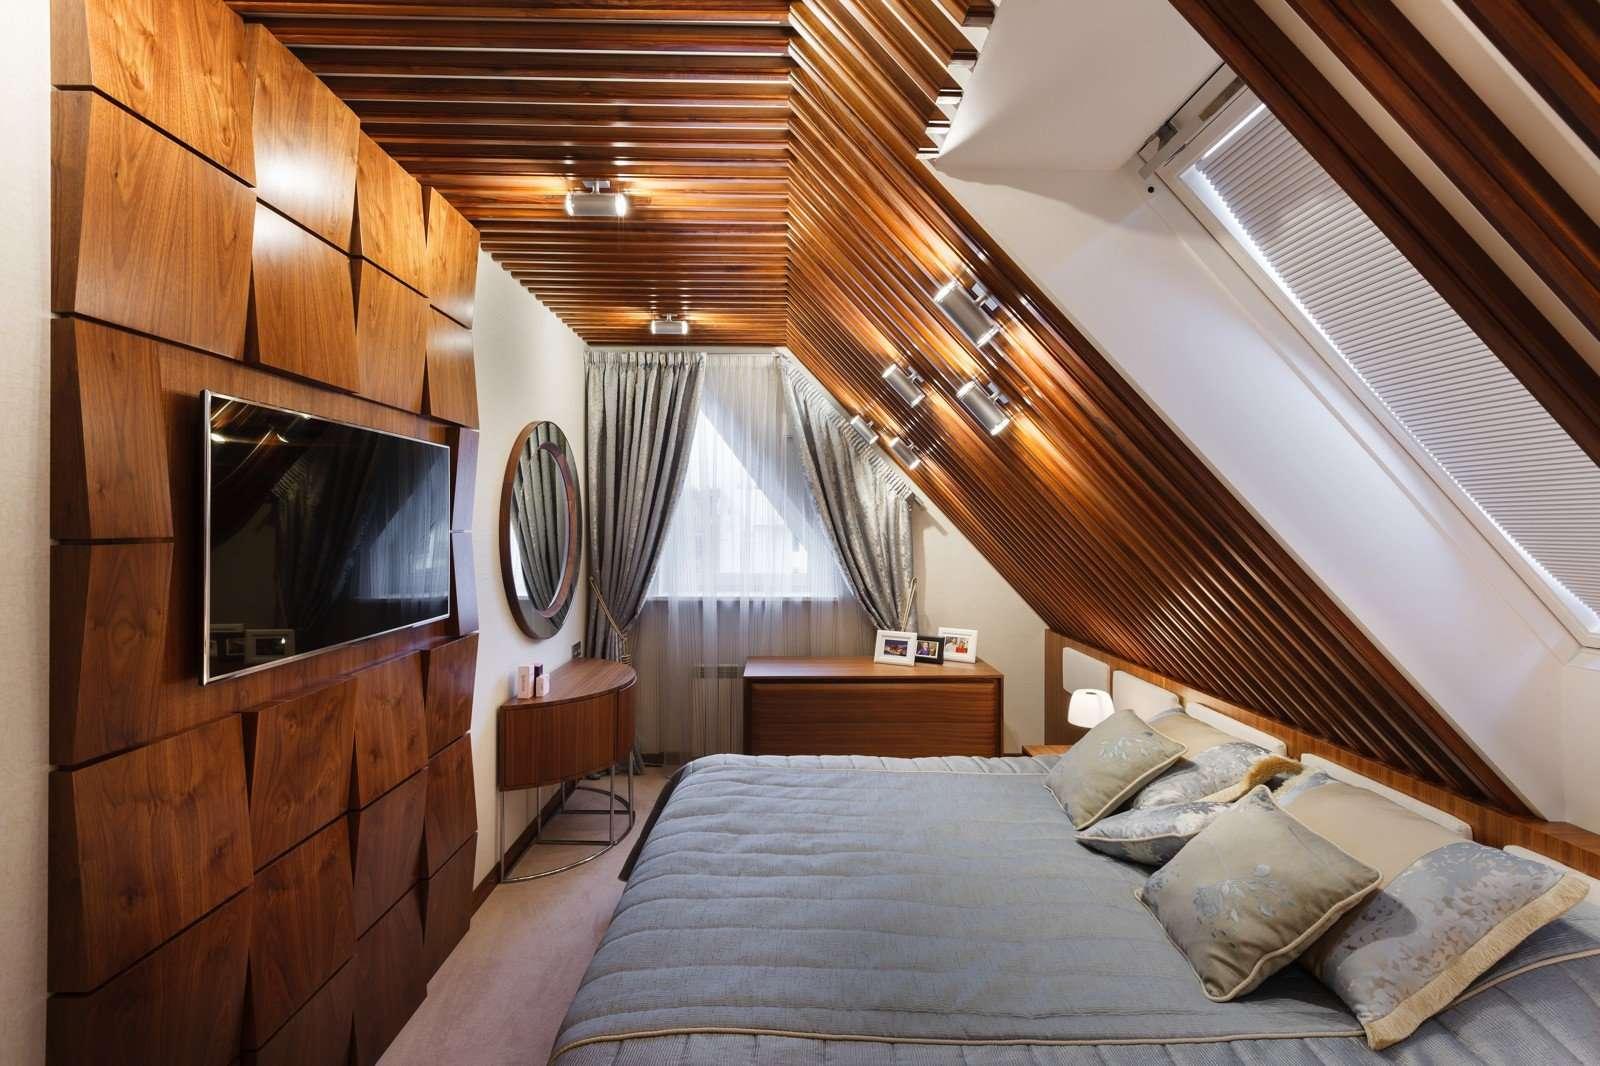 Спальня в мансарде, планировка, идеи дизайна интерьера и отделка обоями